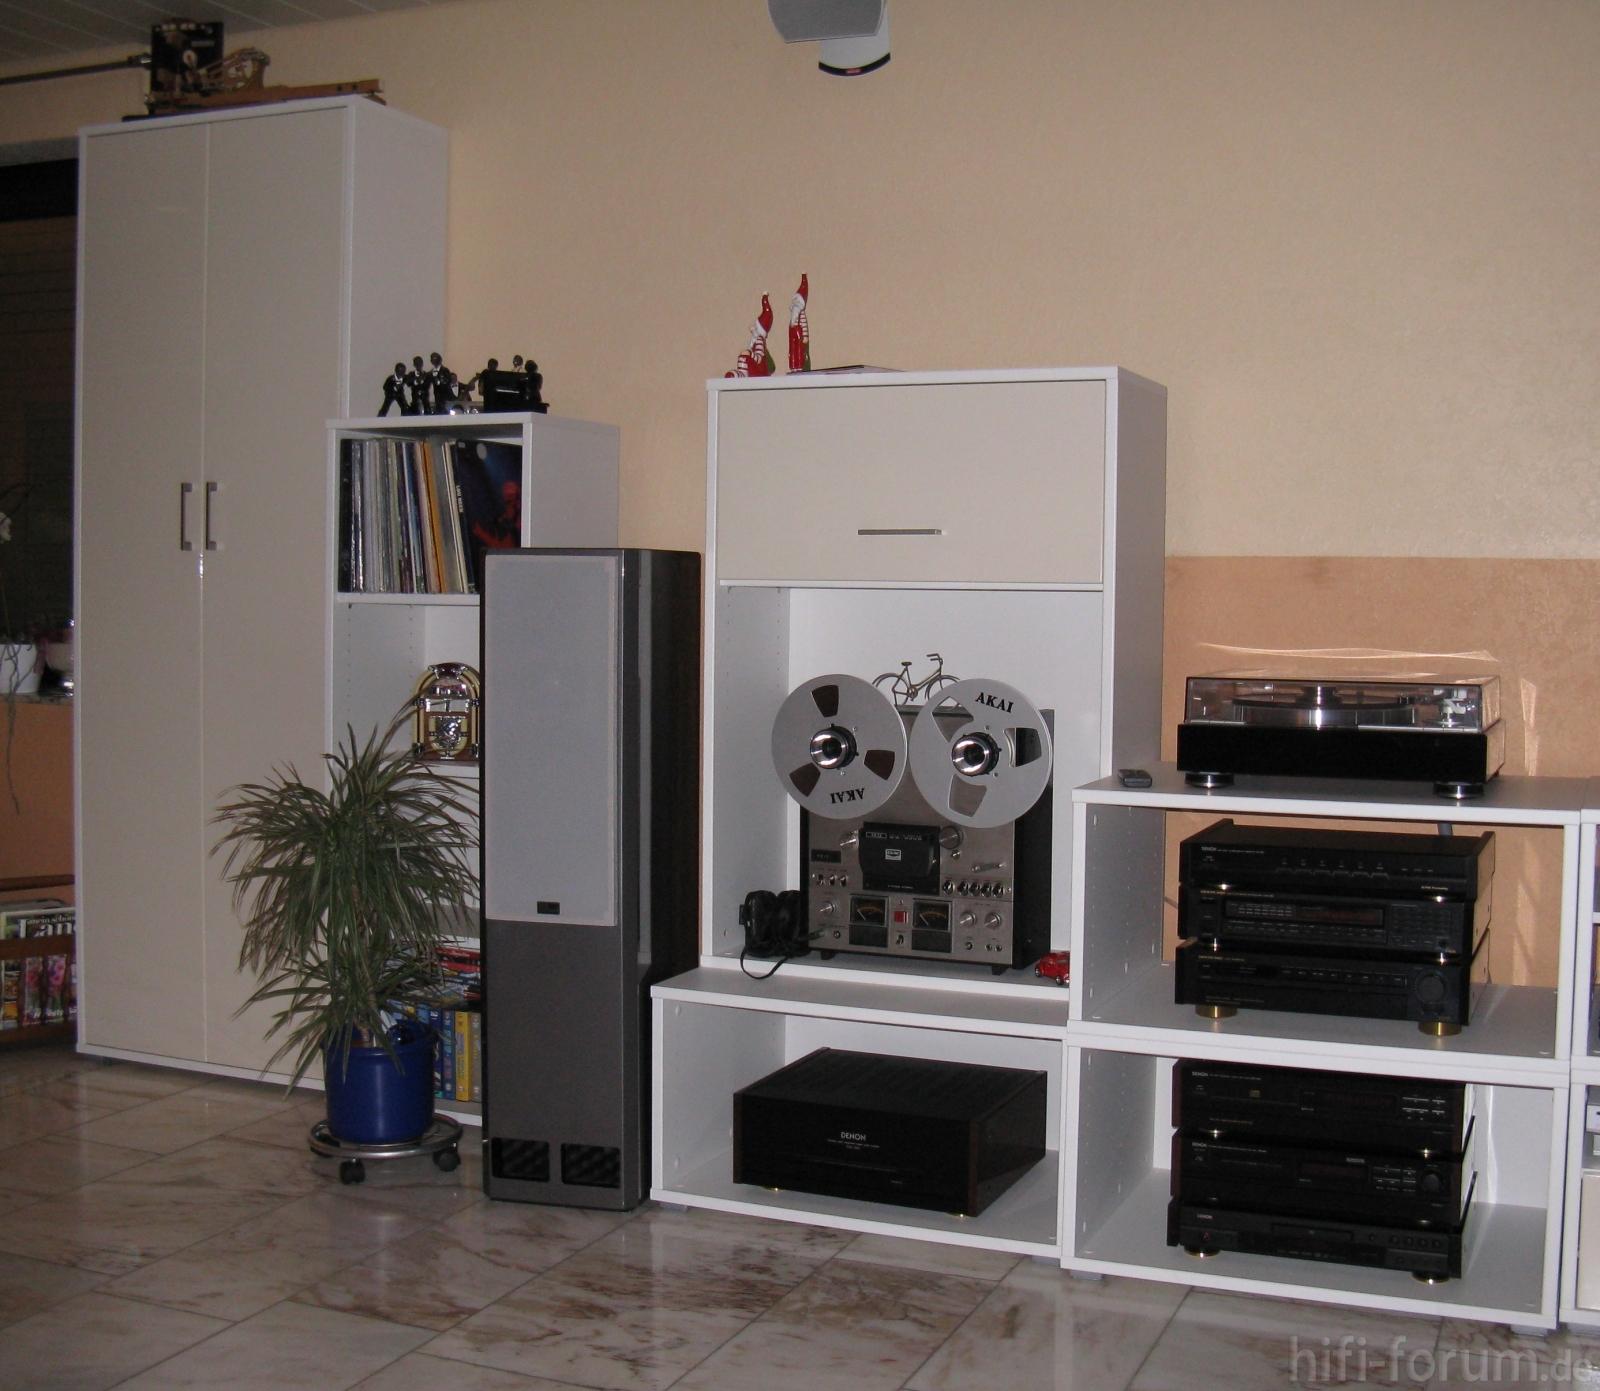 anlage wohnzimmer neu anlage hifiklassiker stereo wohnzimmer hifi bildergalerie. Black Bedroom Furniture Sets. Home Design Ideas